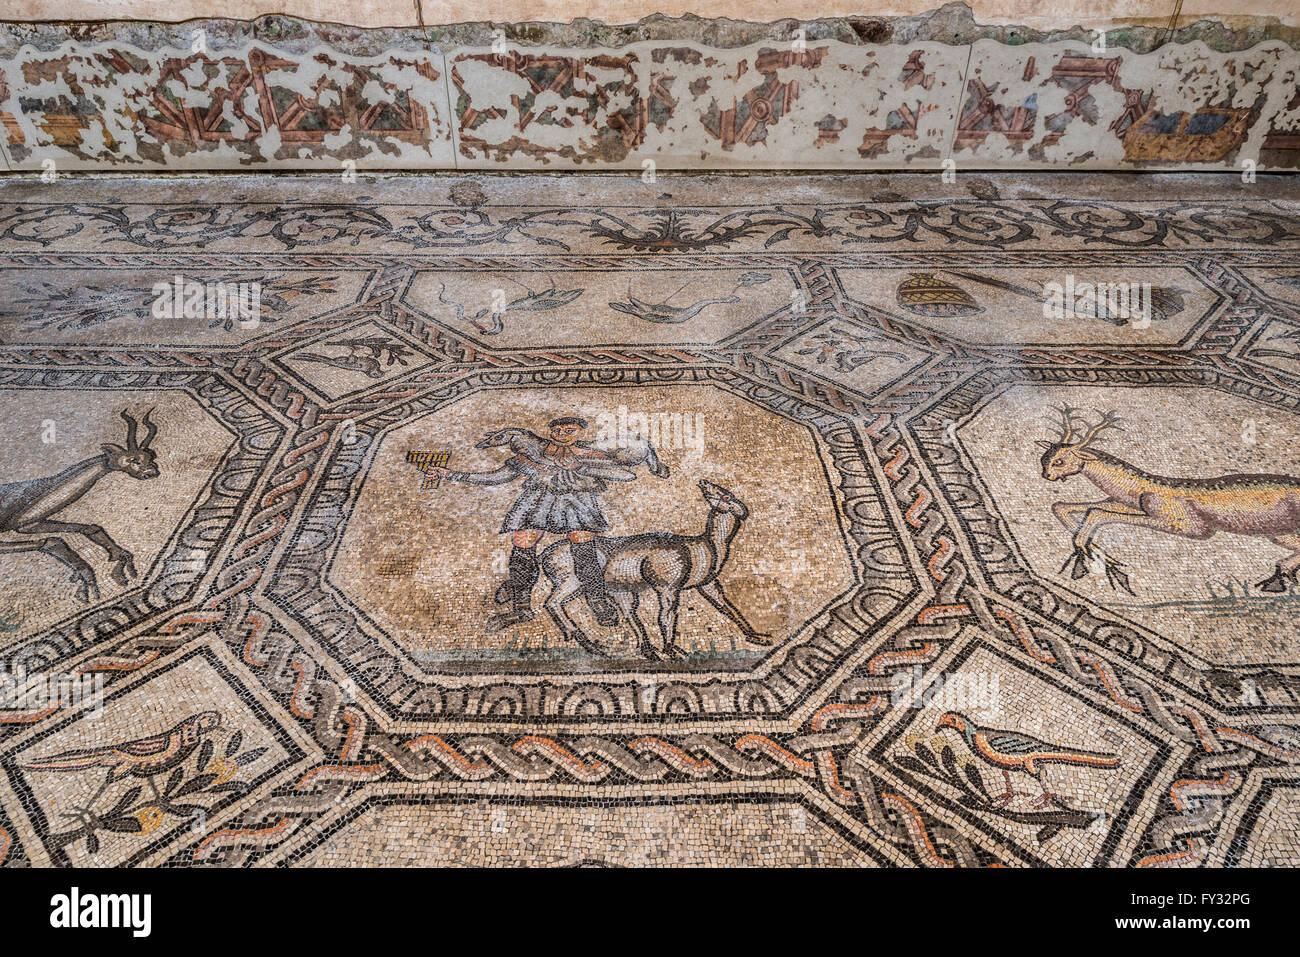 Frühe christliche Mosaikboden mit tierischen Symbolik ausgesetzt 4. Jahrhundert, romanische Basilika, Interieur, Stockbild